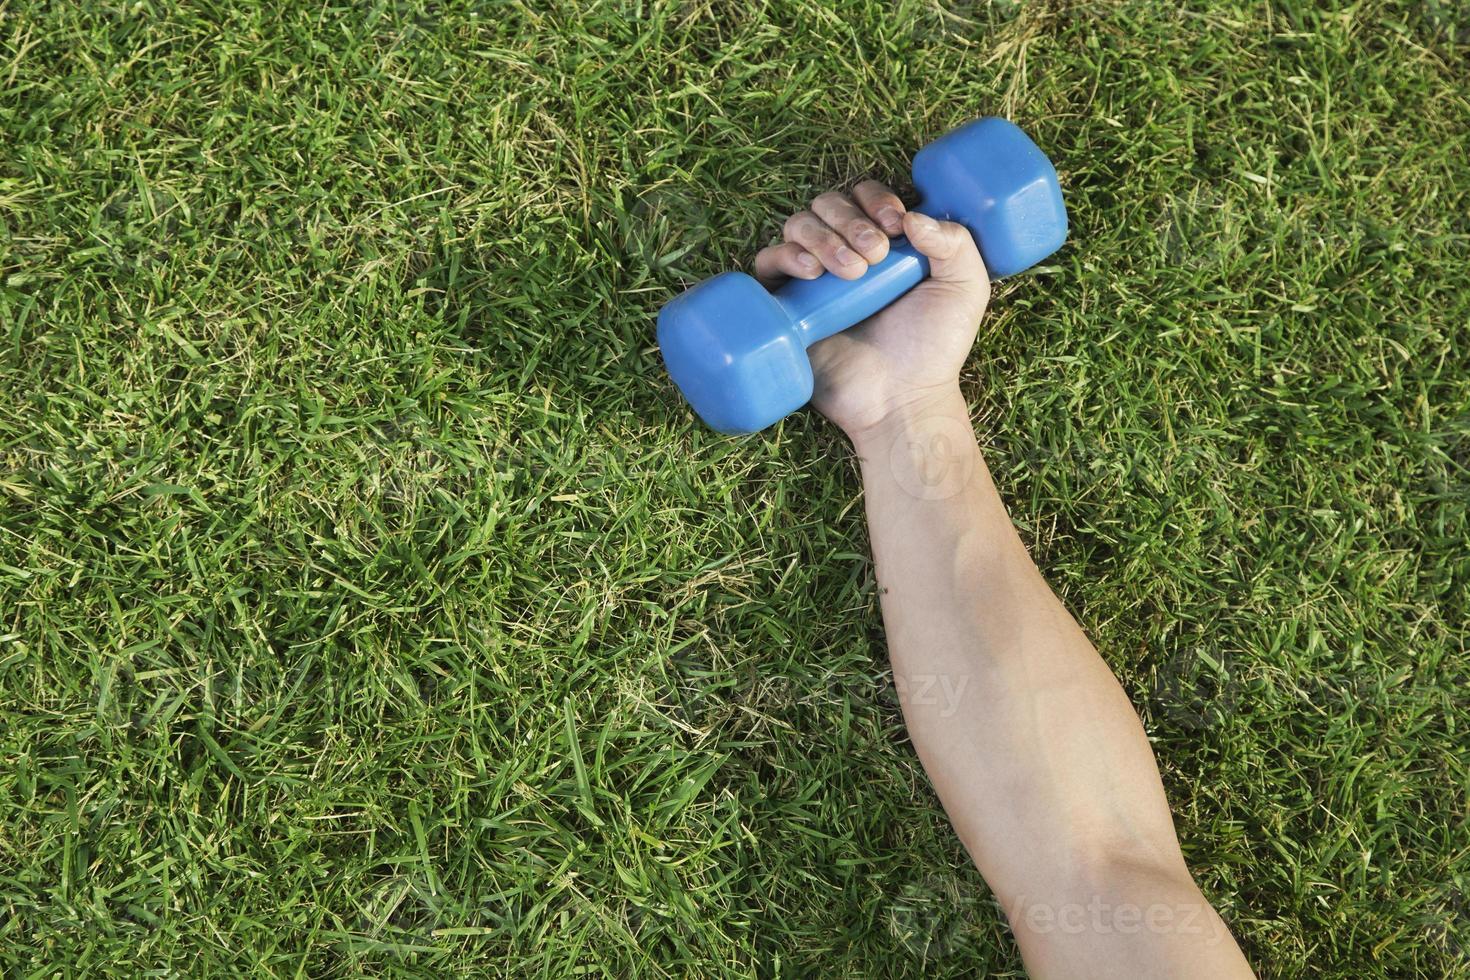 braccio con manubri blu foto